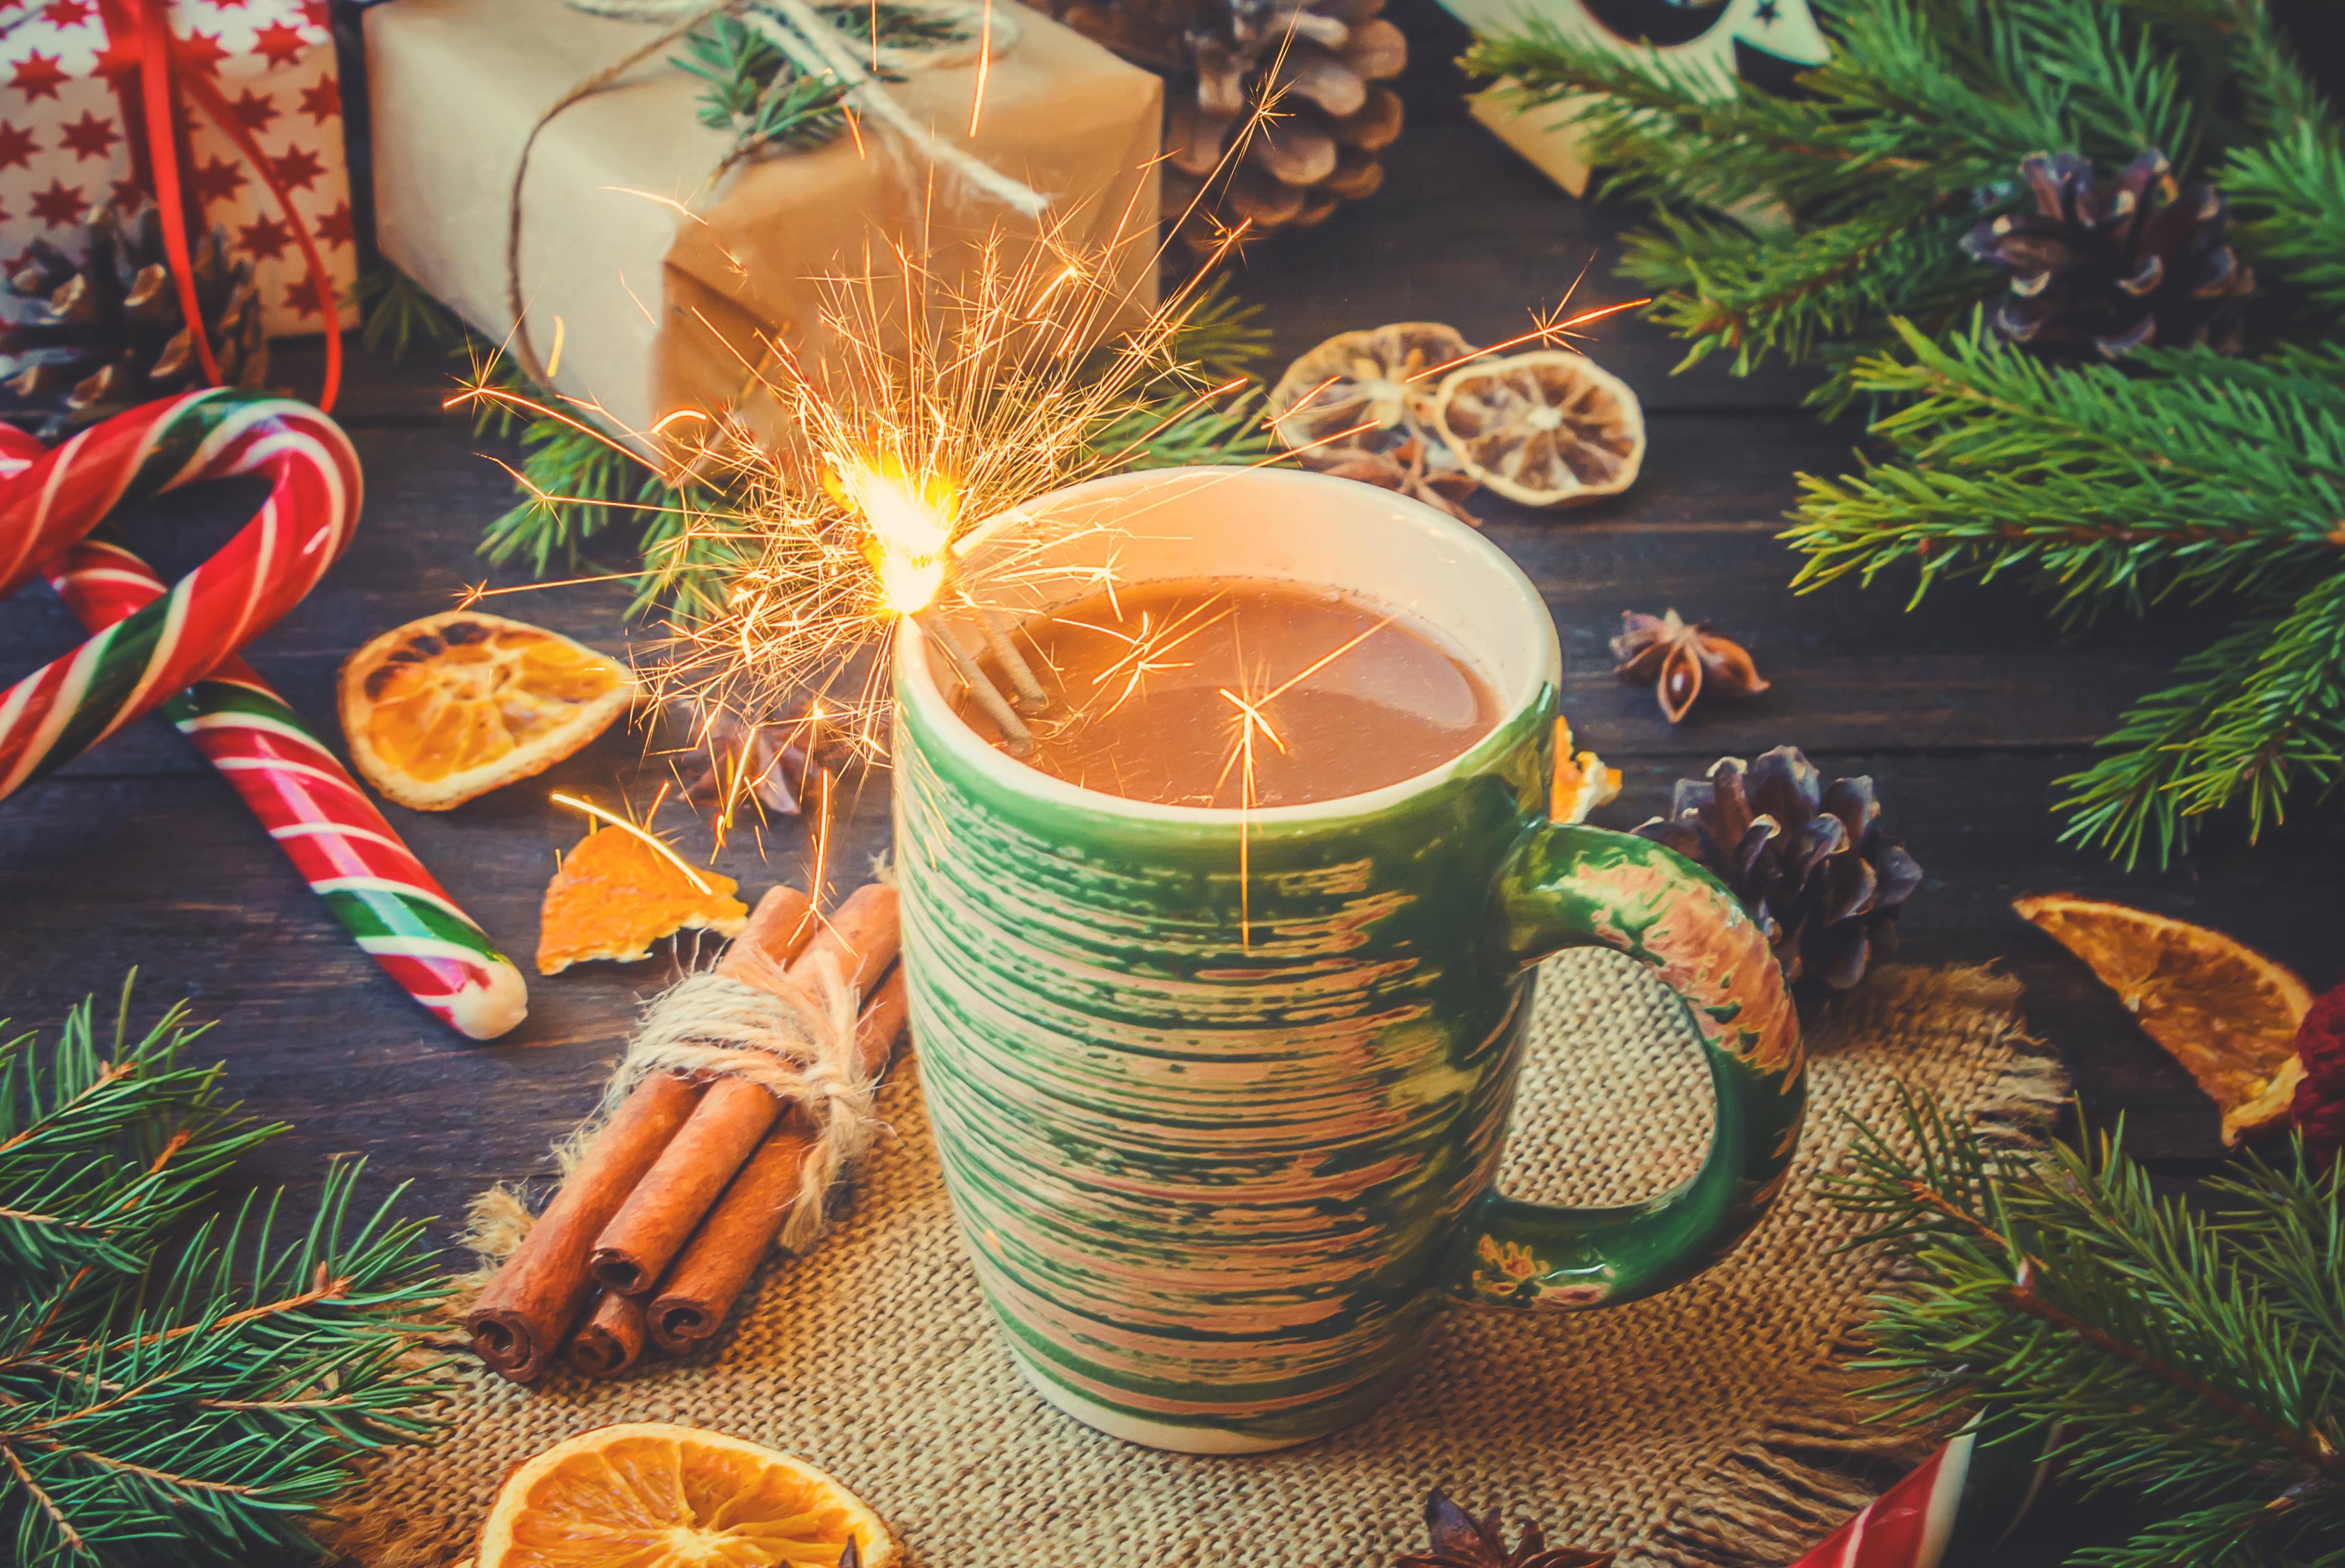 Фотография Новый год Бенгальские огни Какао напиток Корица Пища чашке Сладости Рождество Горячий шоколад Еда Чашка Продукты питания